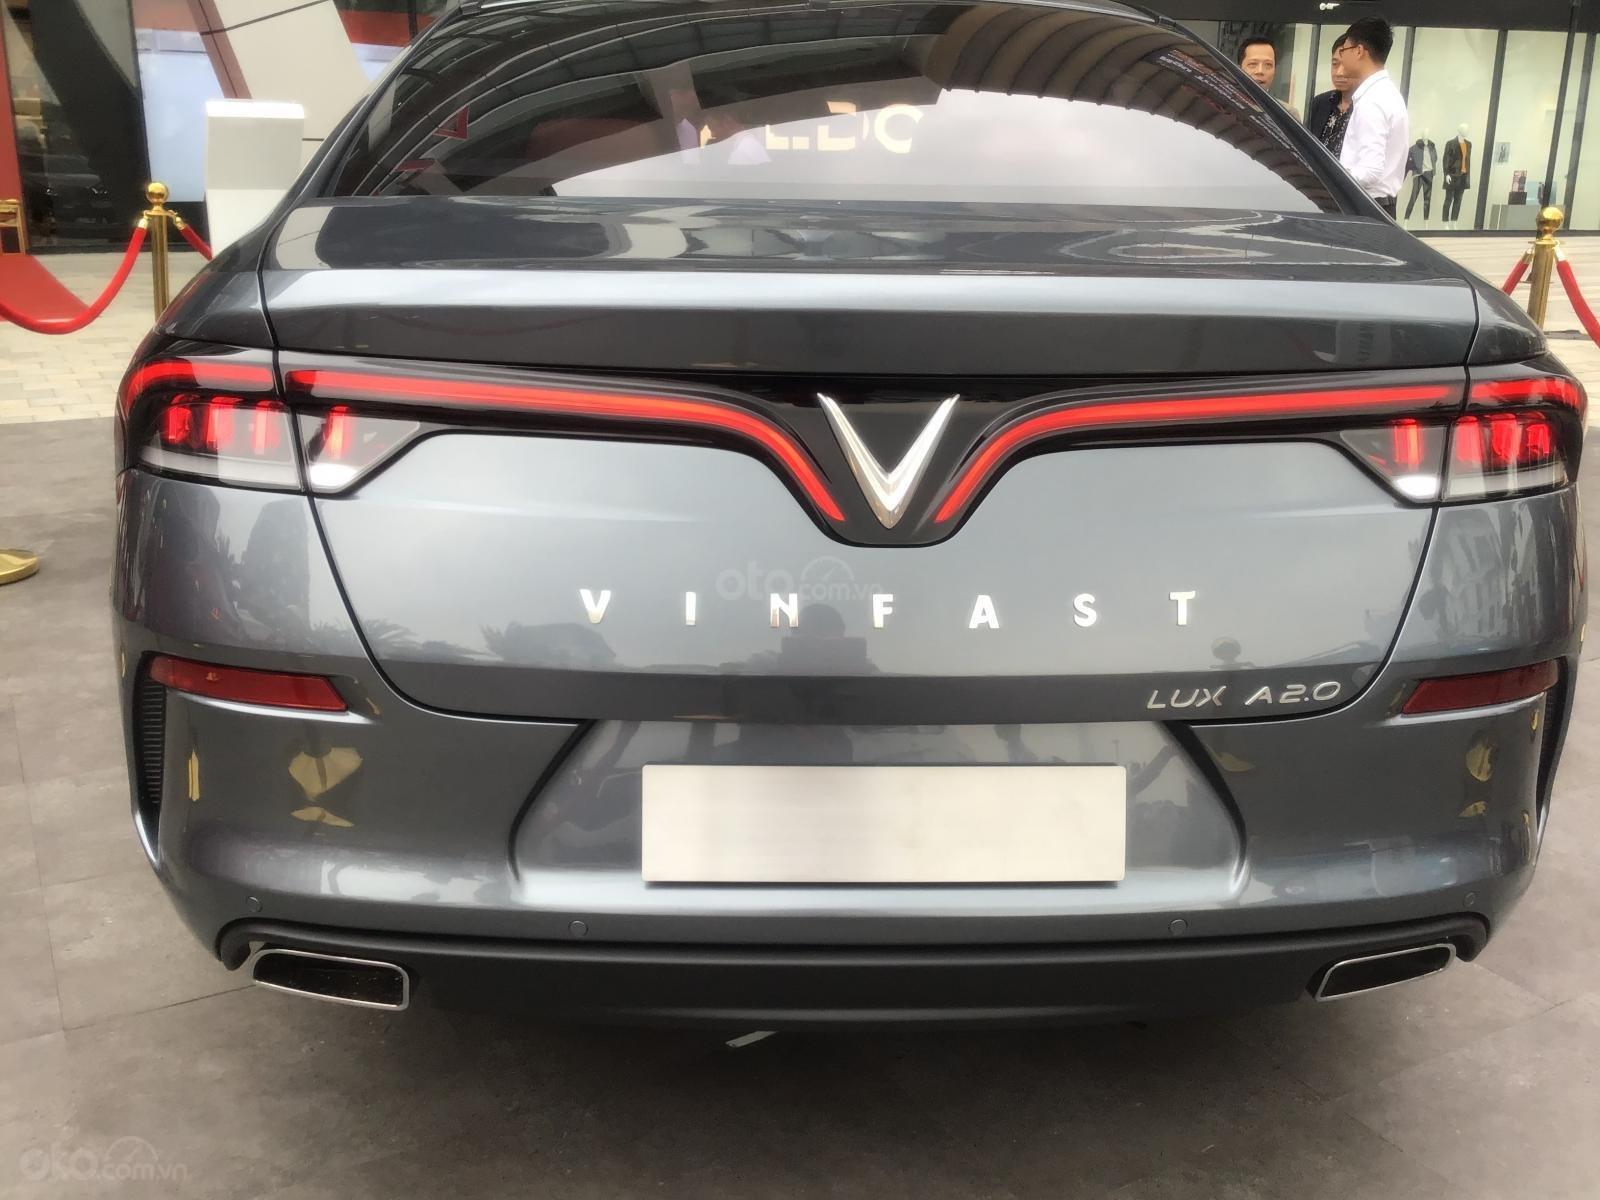 Vinfast Hải Phòng, đặt cọc xe Vinfast Lux A2.0 tại Hải Phòng giá tốt nhất, nhận xe nhanh nhất-2